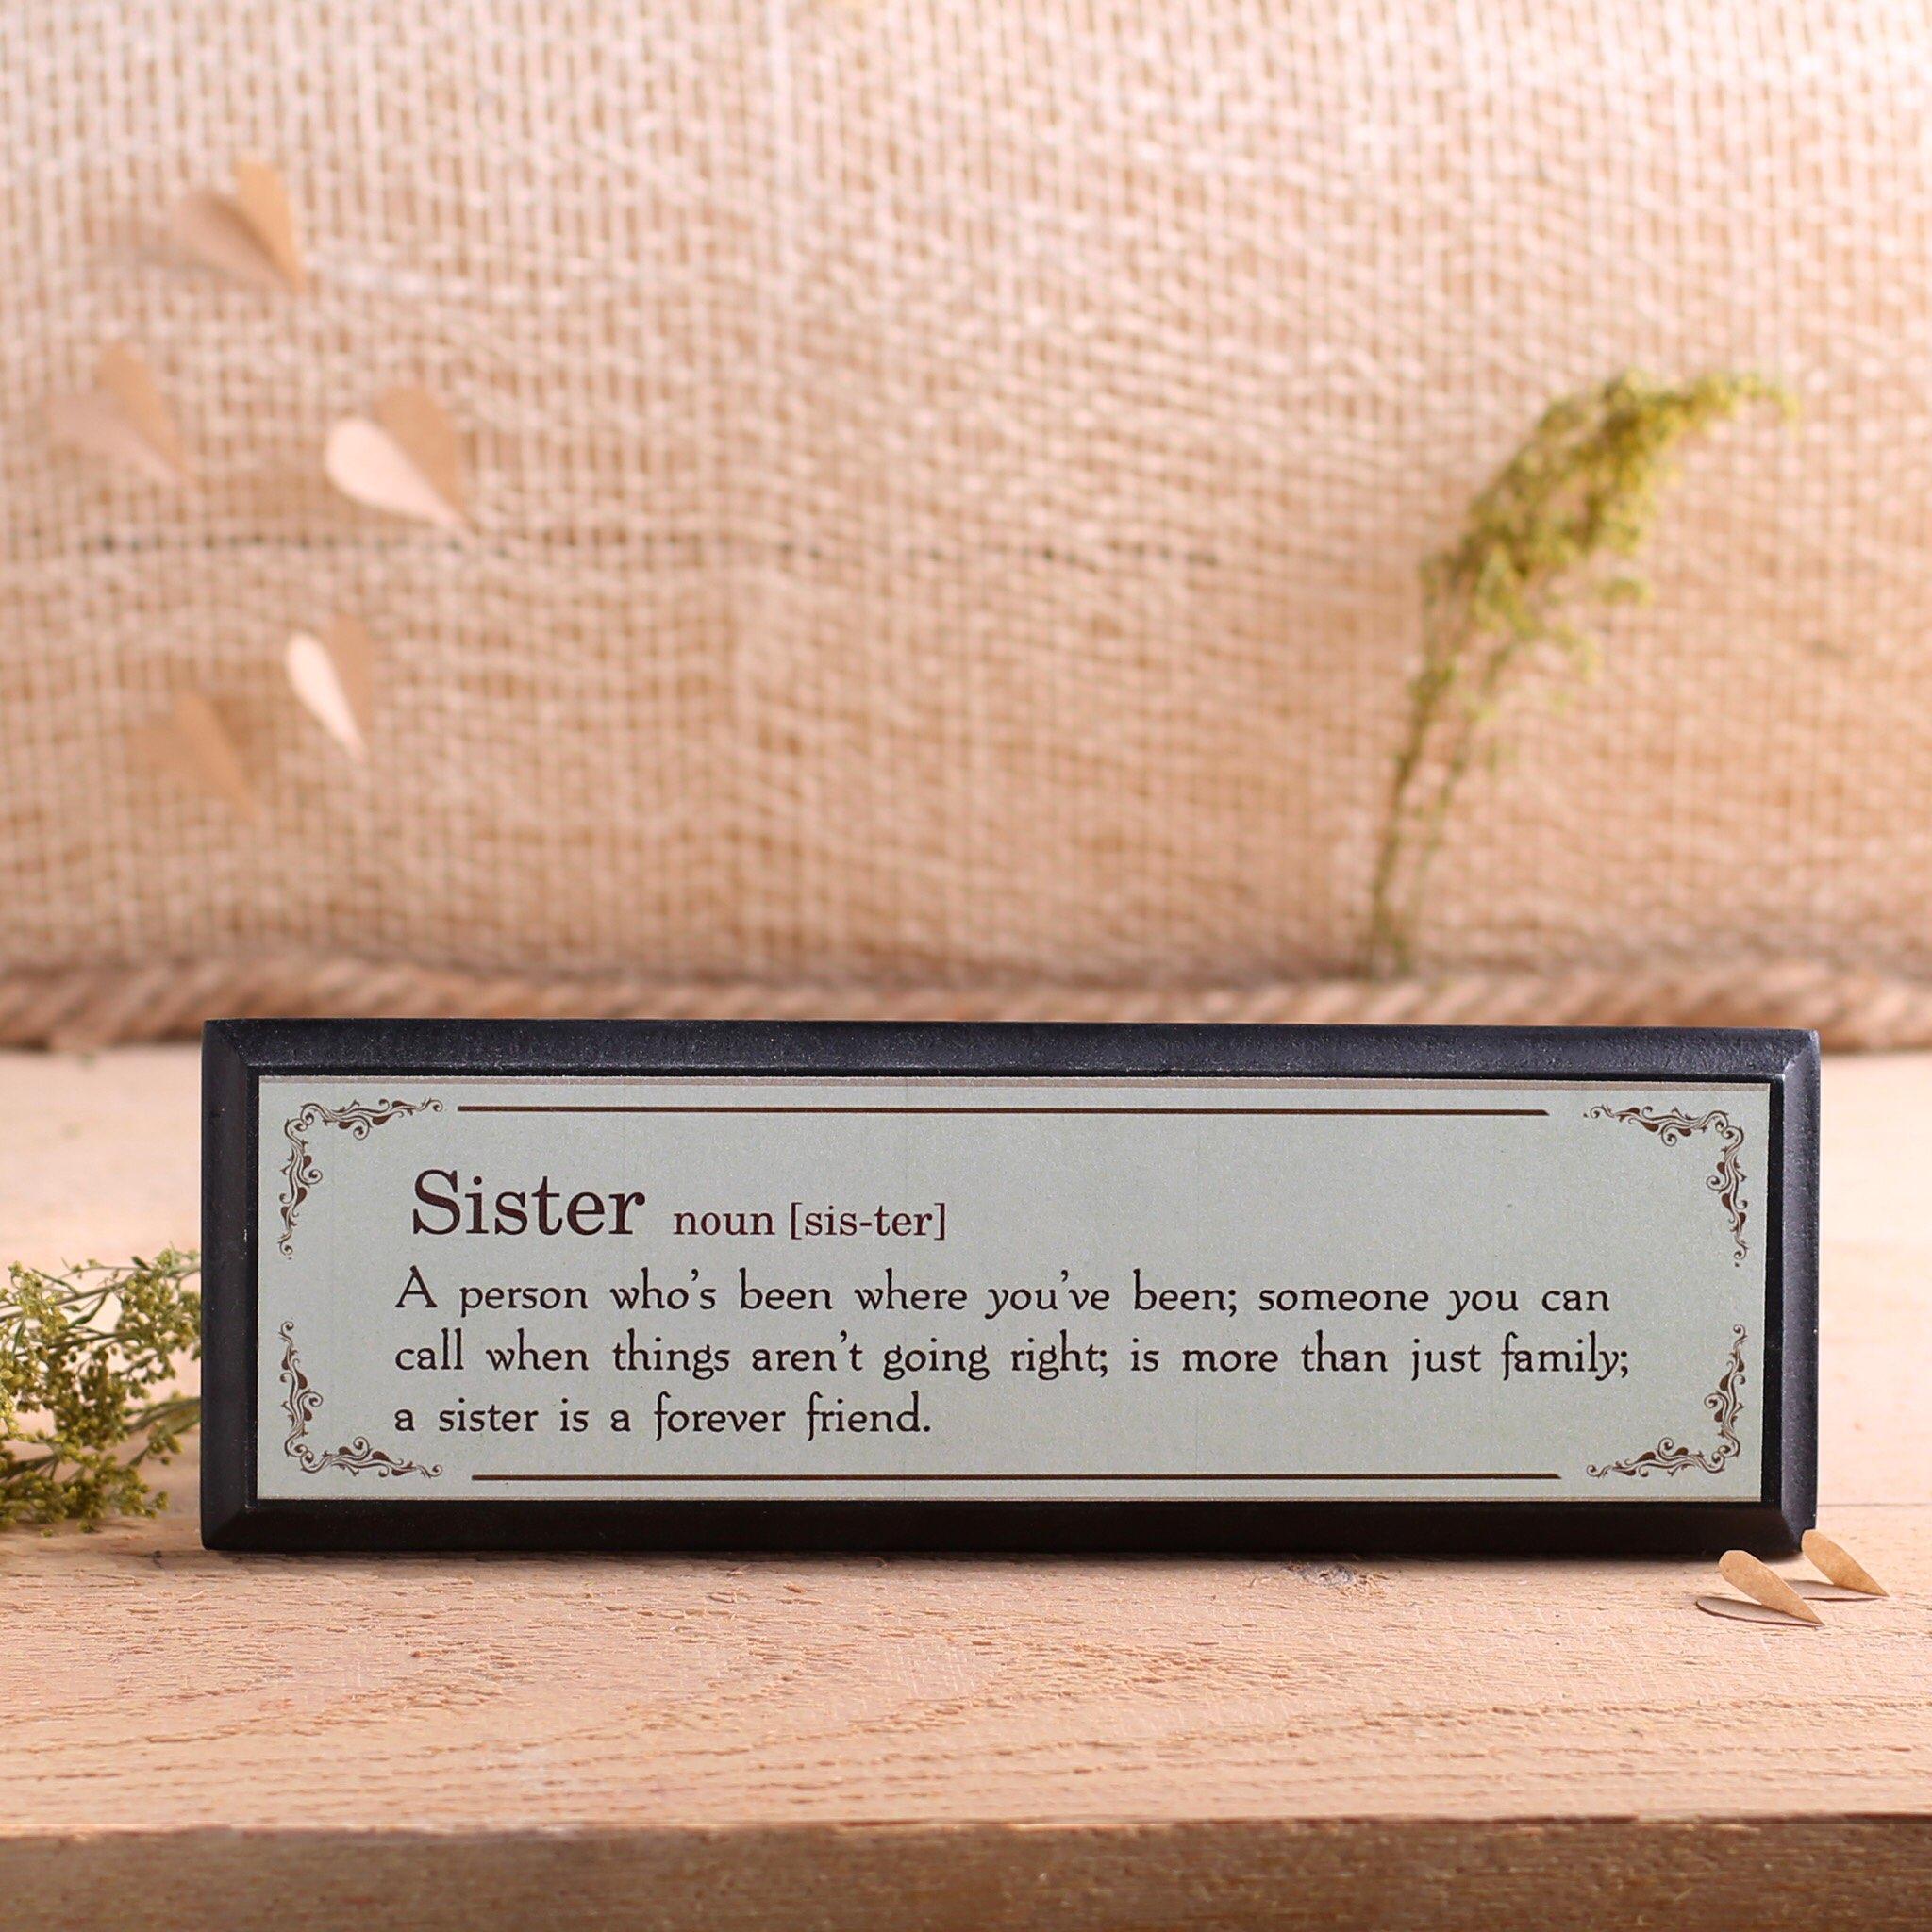 بالصور كلام جميل عن الاخت , ثاني قلب حنون في العائله هي اختي